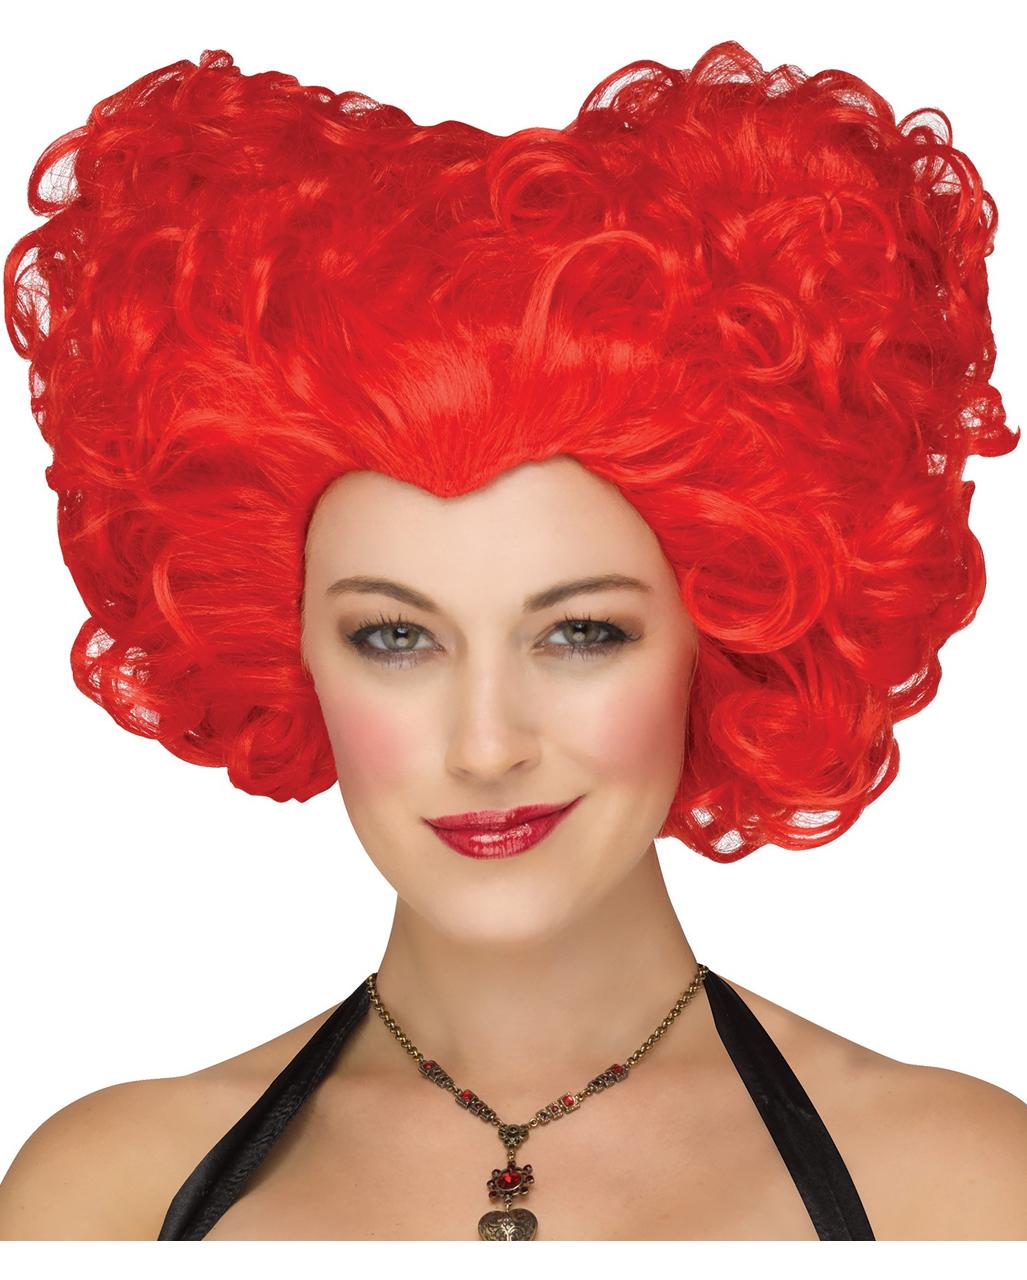 Heart Queen Wig Red ❤ for heart queen costume